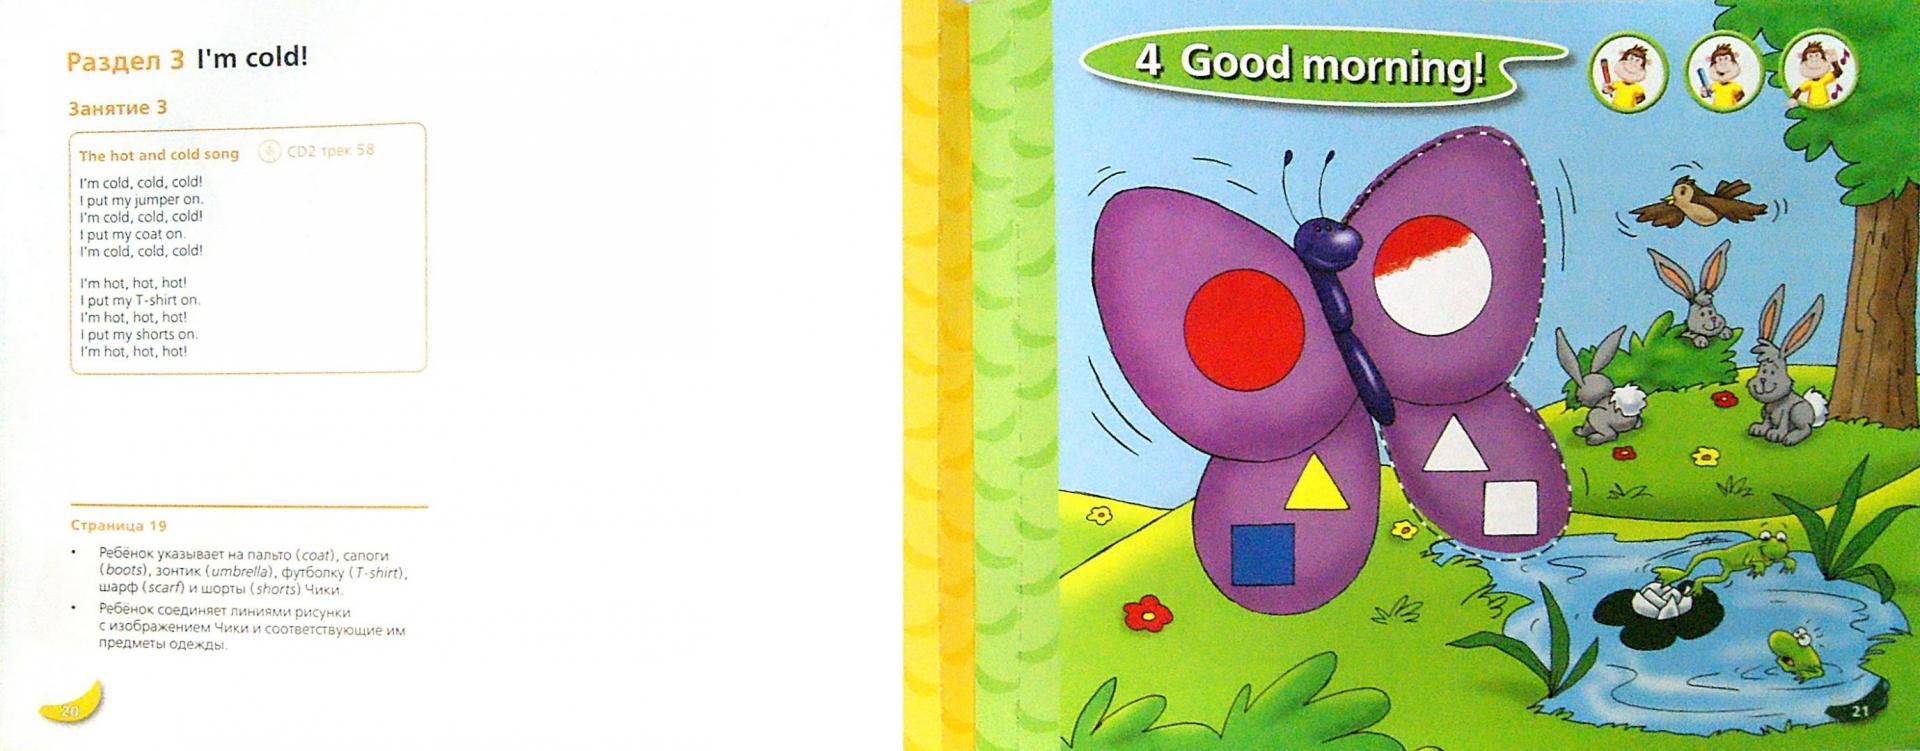 Иллюстрация 1 из 6 для Cheeky Monkey 2 Плюс. Доп. развивающее пособие для дошкольников. Старшая группа. 5-6 лет. ФГОС ДО - Комарова, Харпер, Медуэлл   Лабиринт - книги. Источник: Лабиринт